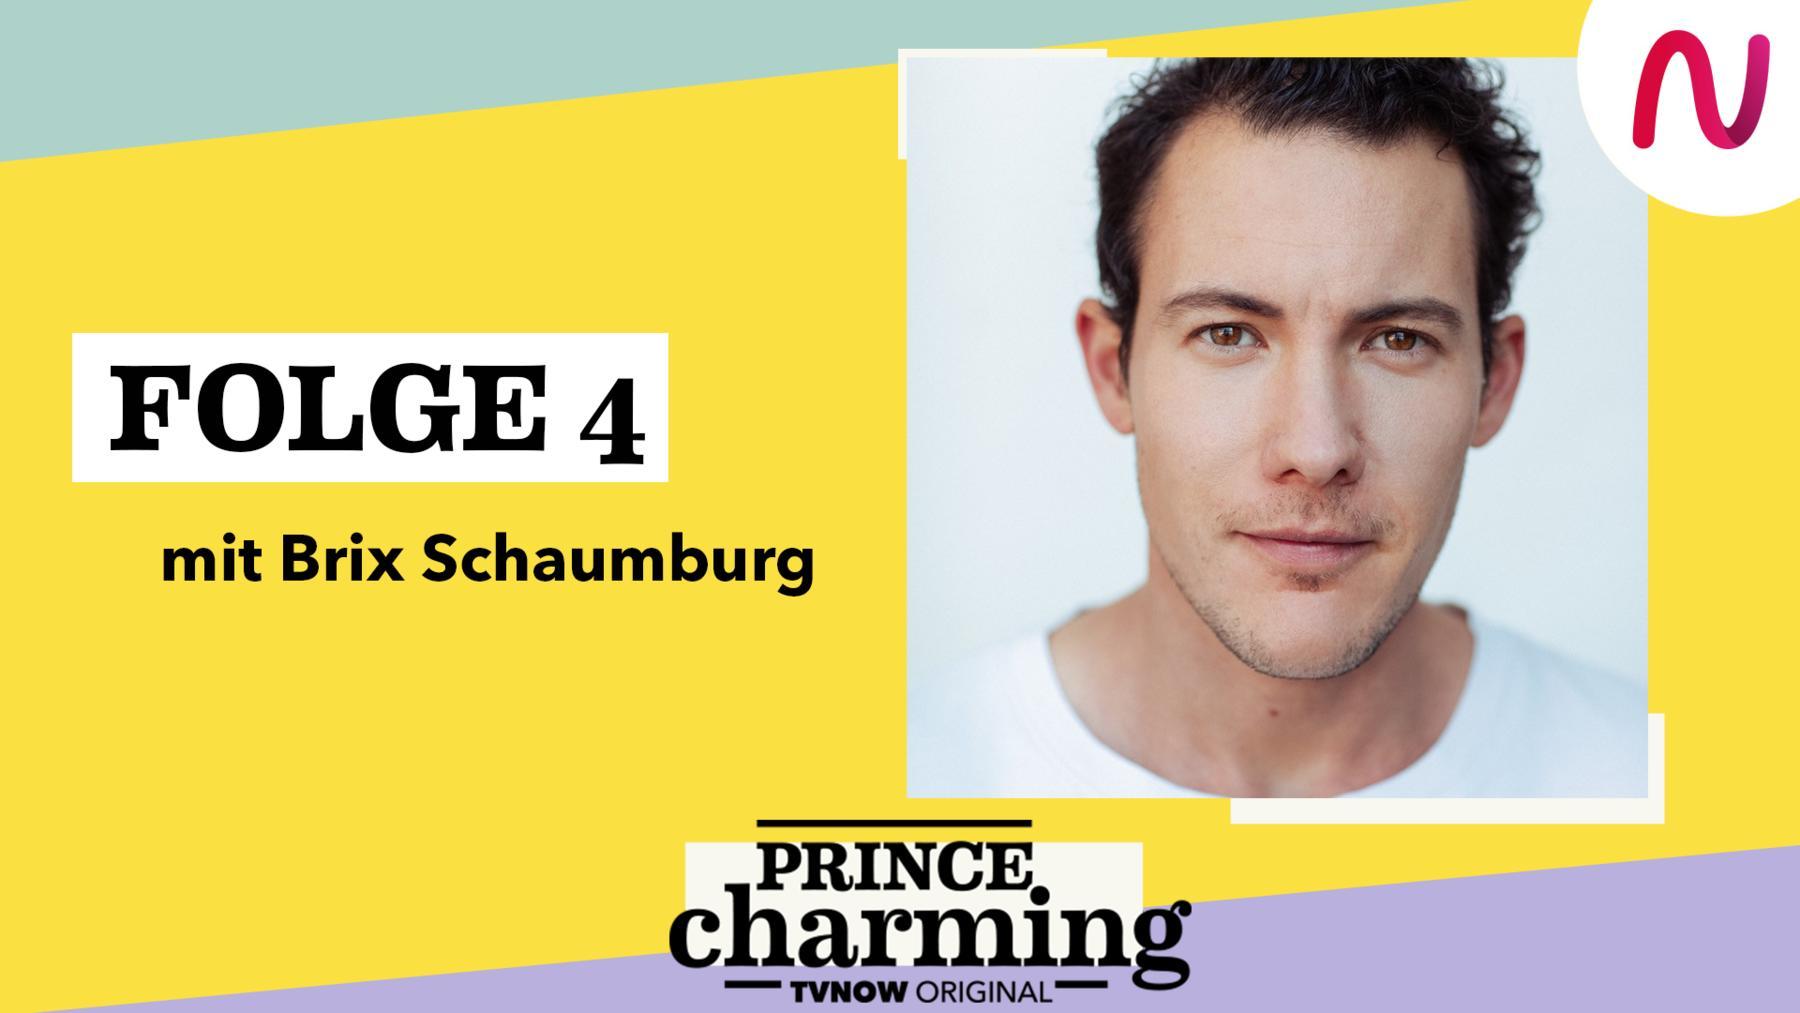 Folge 4 - Brix Schaumburg